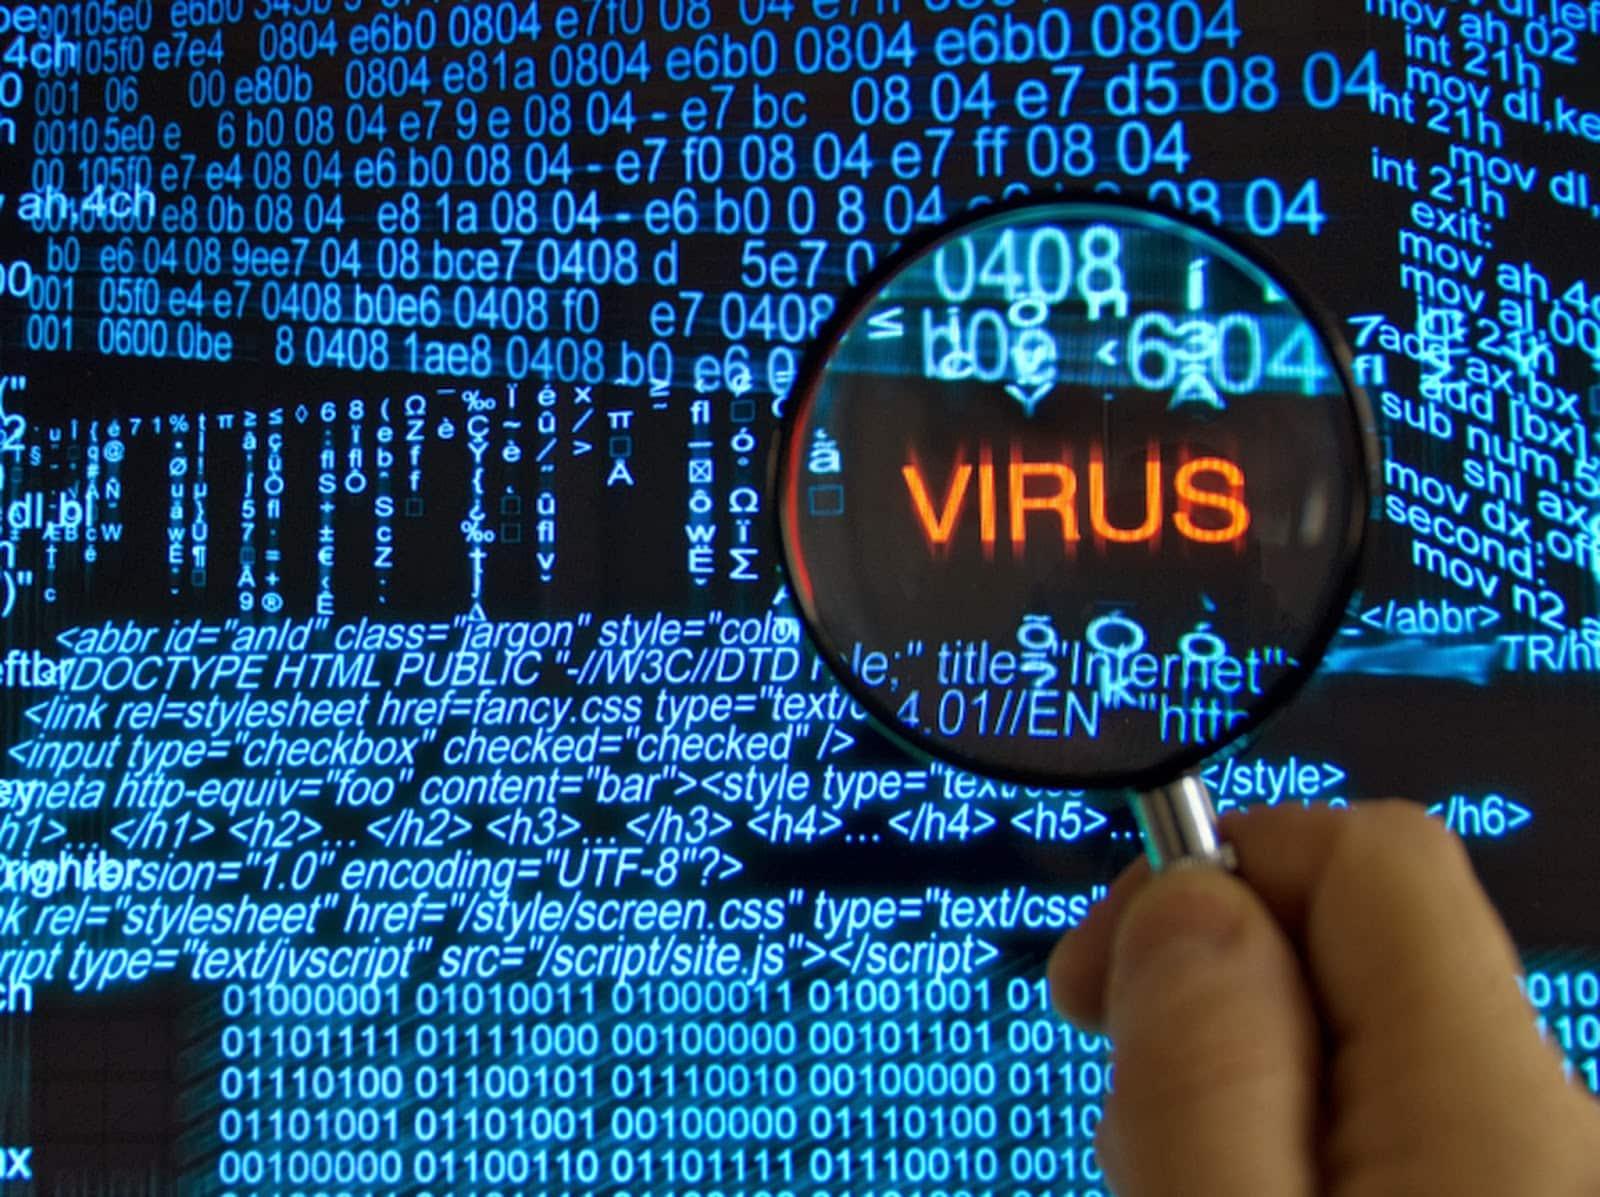 Menghapus Virus atau Malware